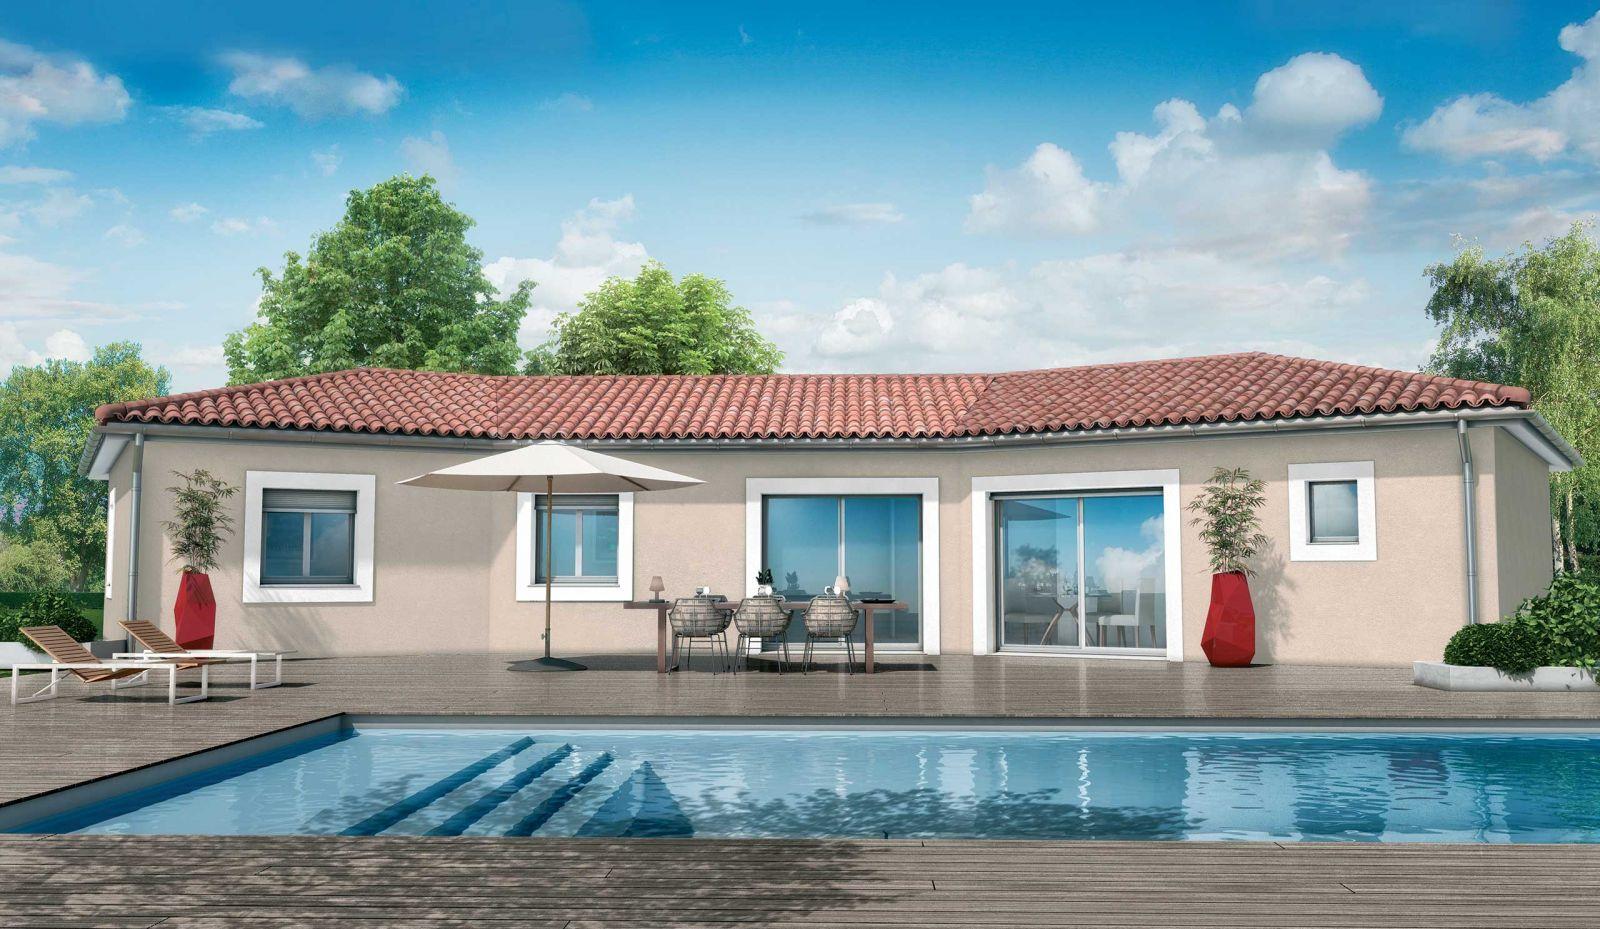 Modèle de maison Cèdre : une maison au design méditerranéen